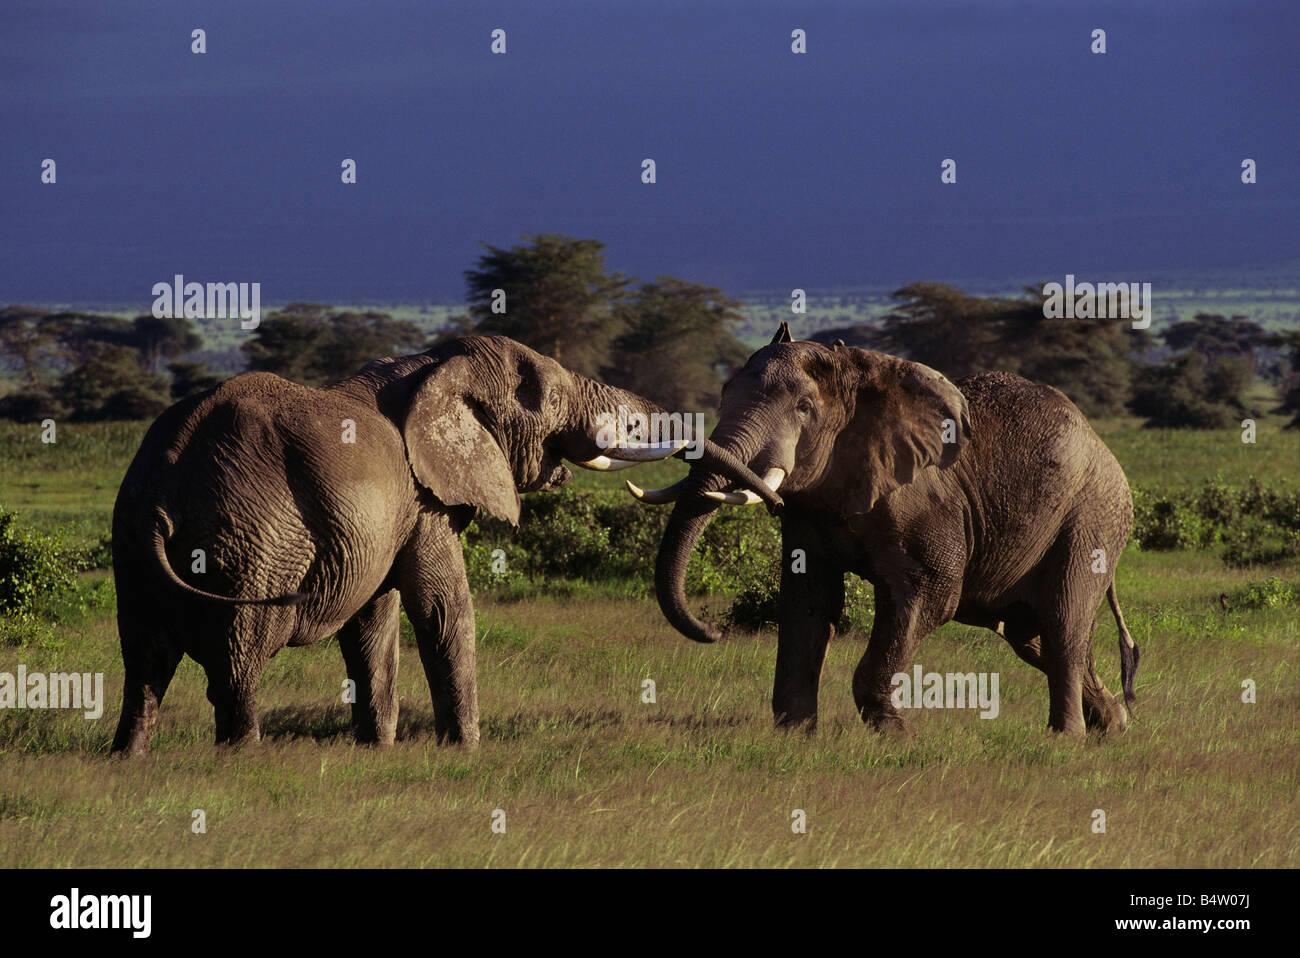 big elephant fight stock photo, royalty free image: 20218006 - alamy